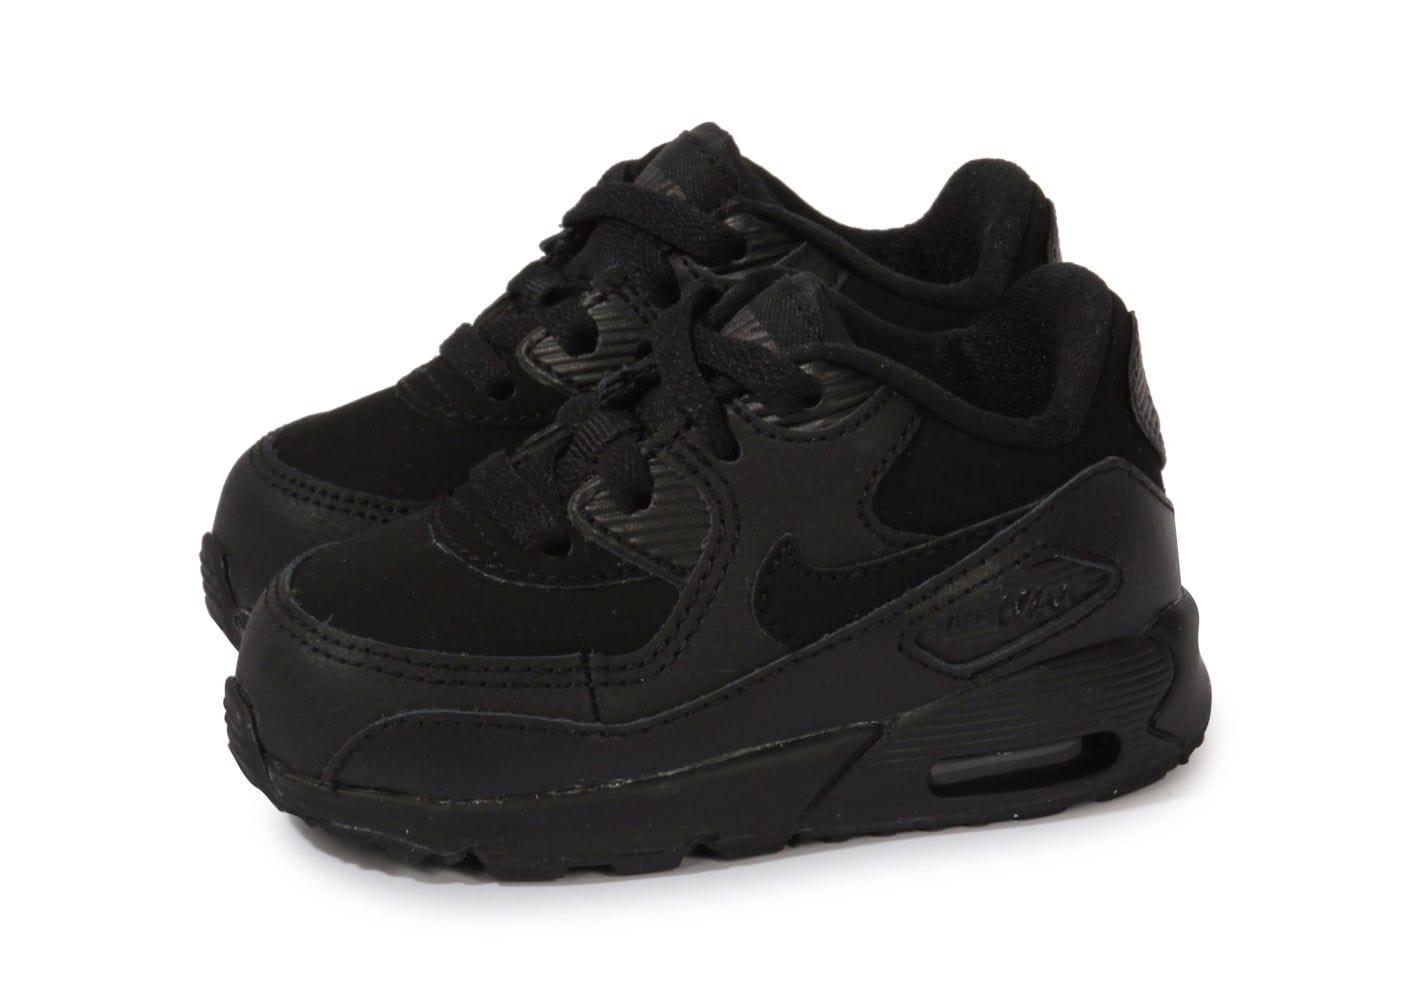 online retailer e438d 63202 Cliquez pour zoomer Chaussures Nike Air Max Thea Bébé noire et rose vue  extérieure ... Chaussure bébé fille Nike Air Max Command Flex Nike Air Max  90 Ltr ...